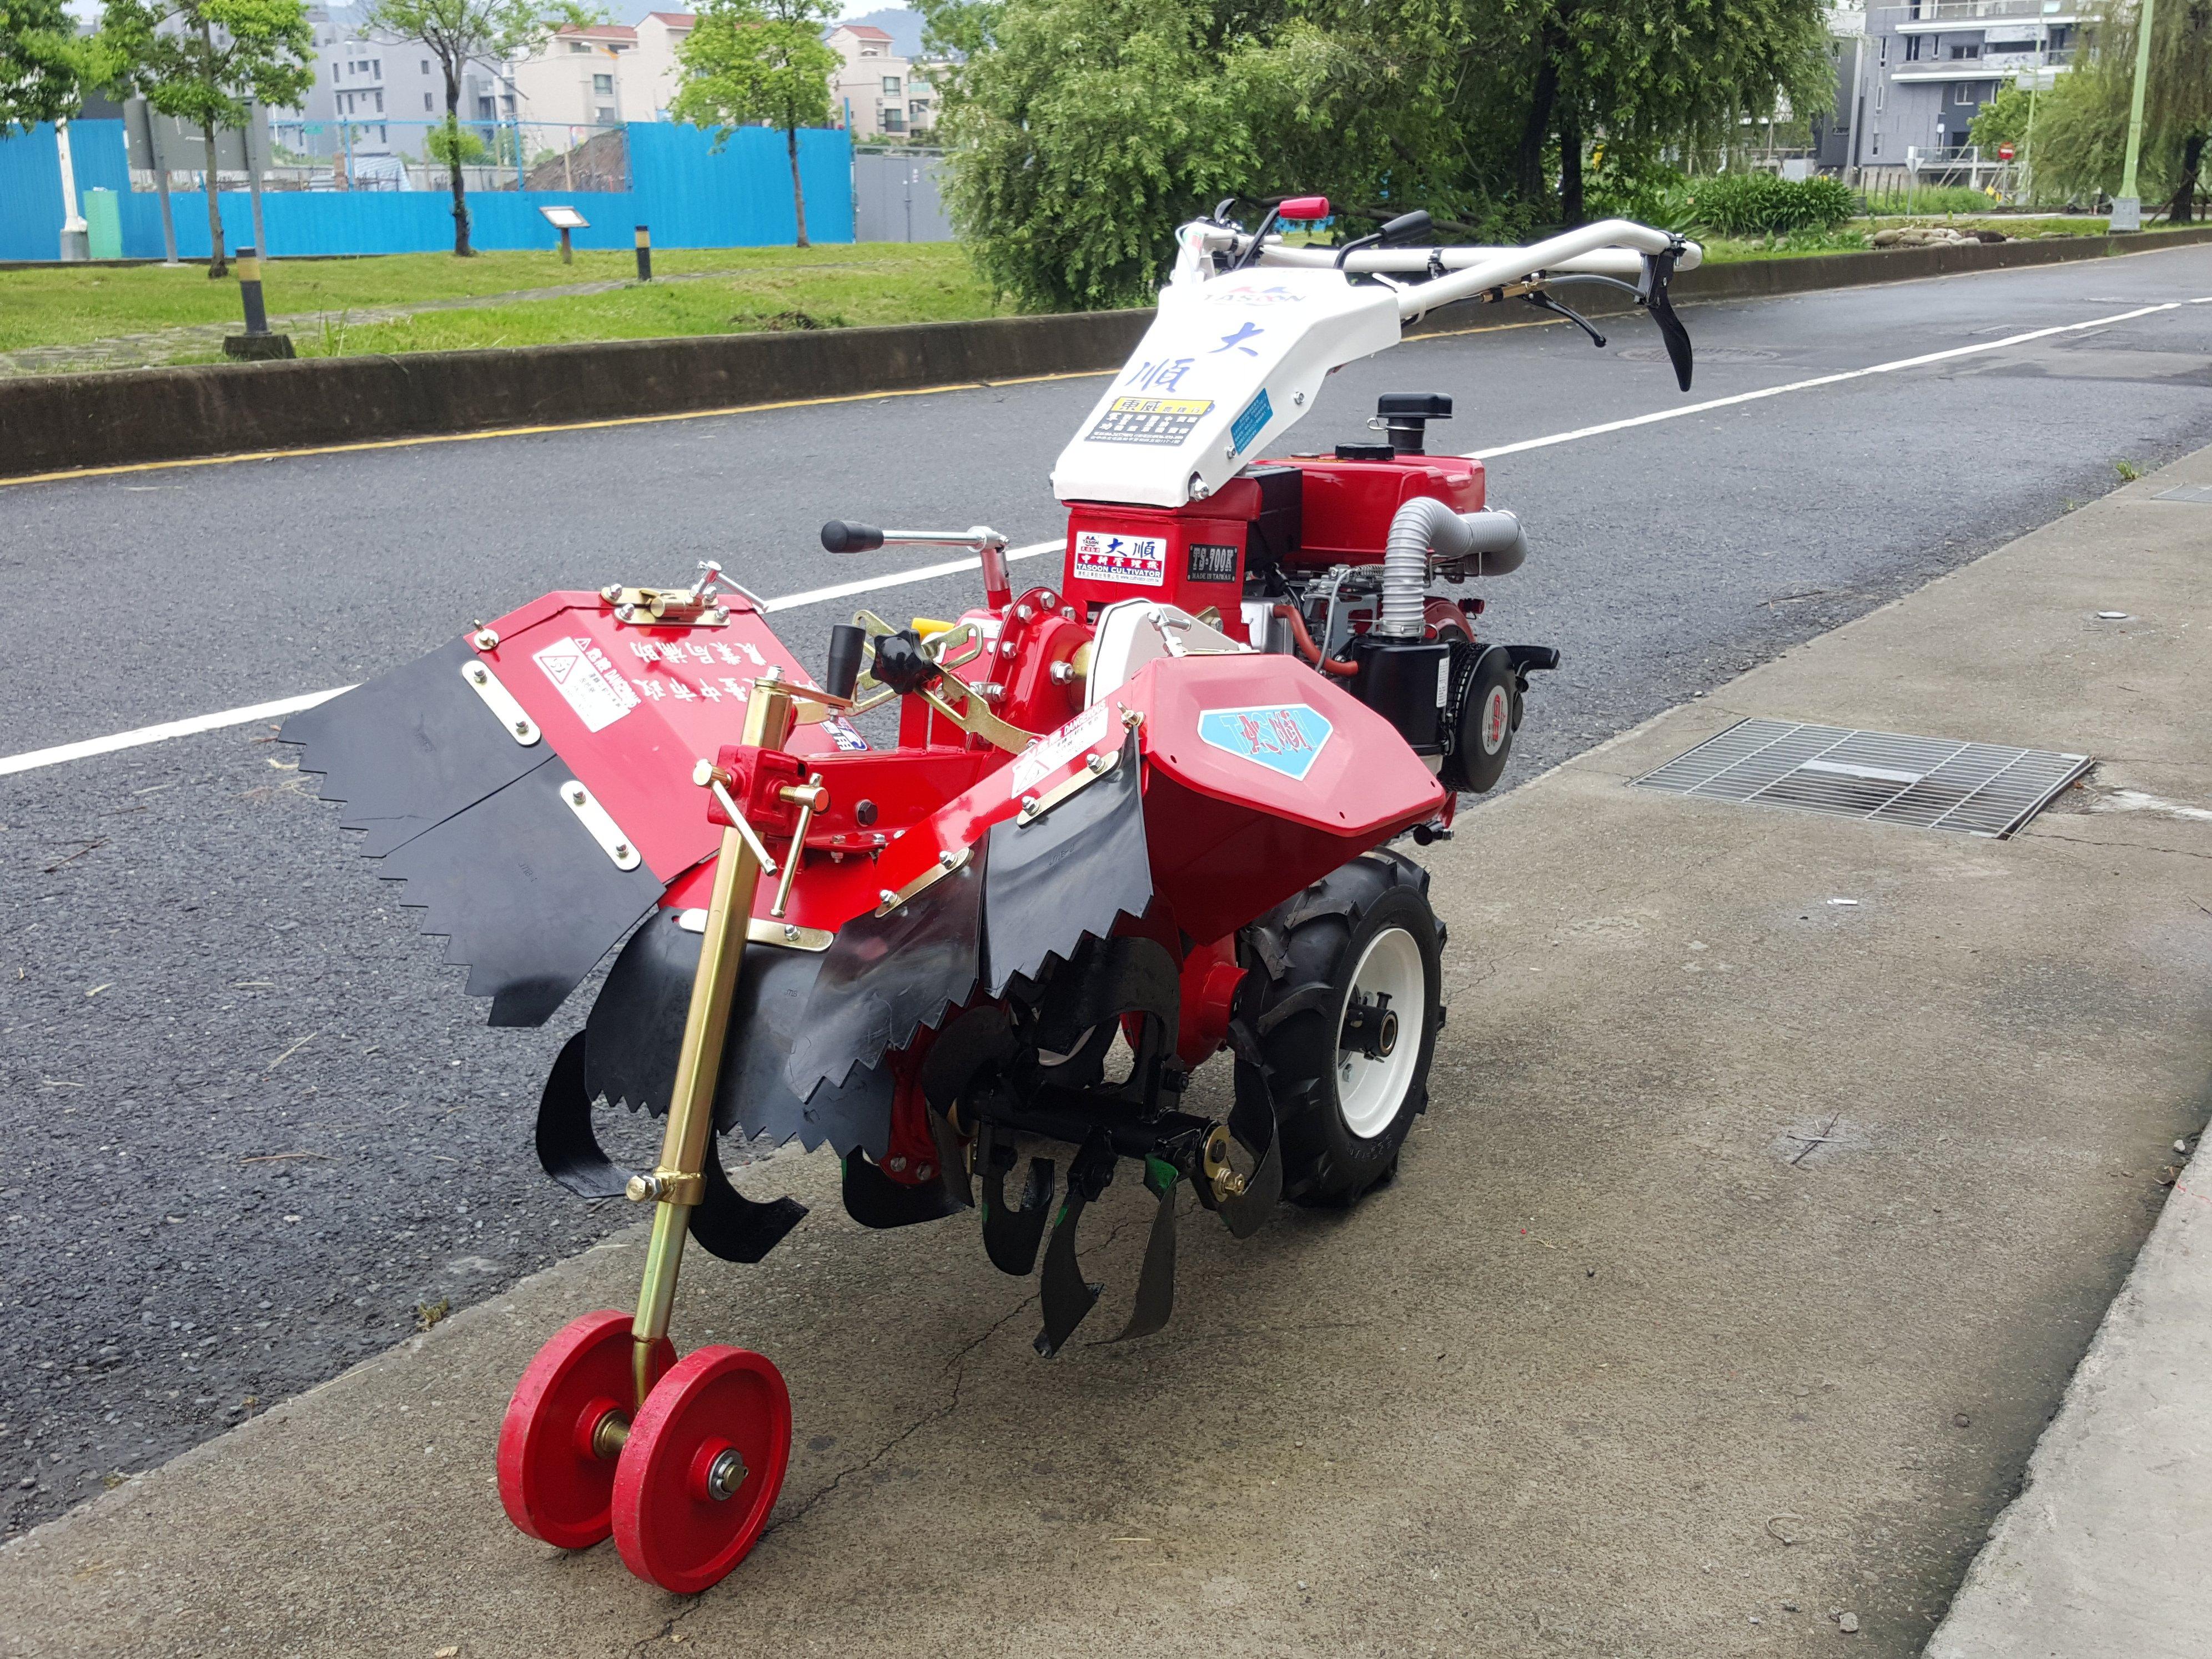 **農機達人**台灣 大順 700K 中耕機 耕耘機 鬆土 開溝 割草 割草機 鏈鋸 搬運車 啟發 展農 文豐